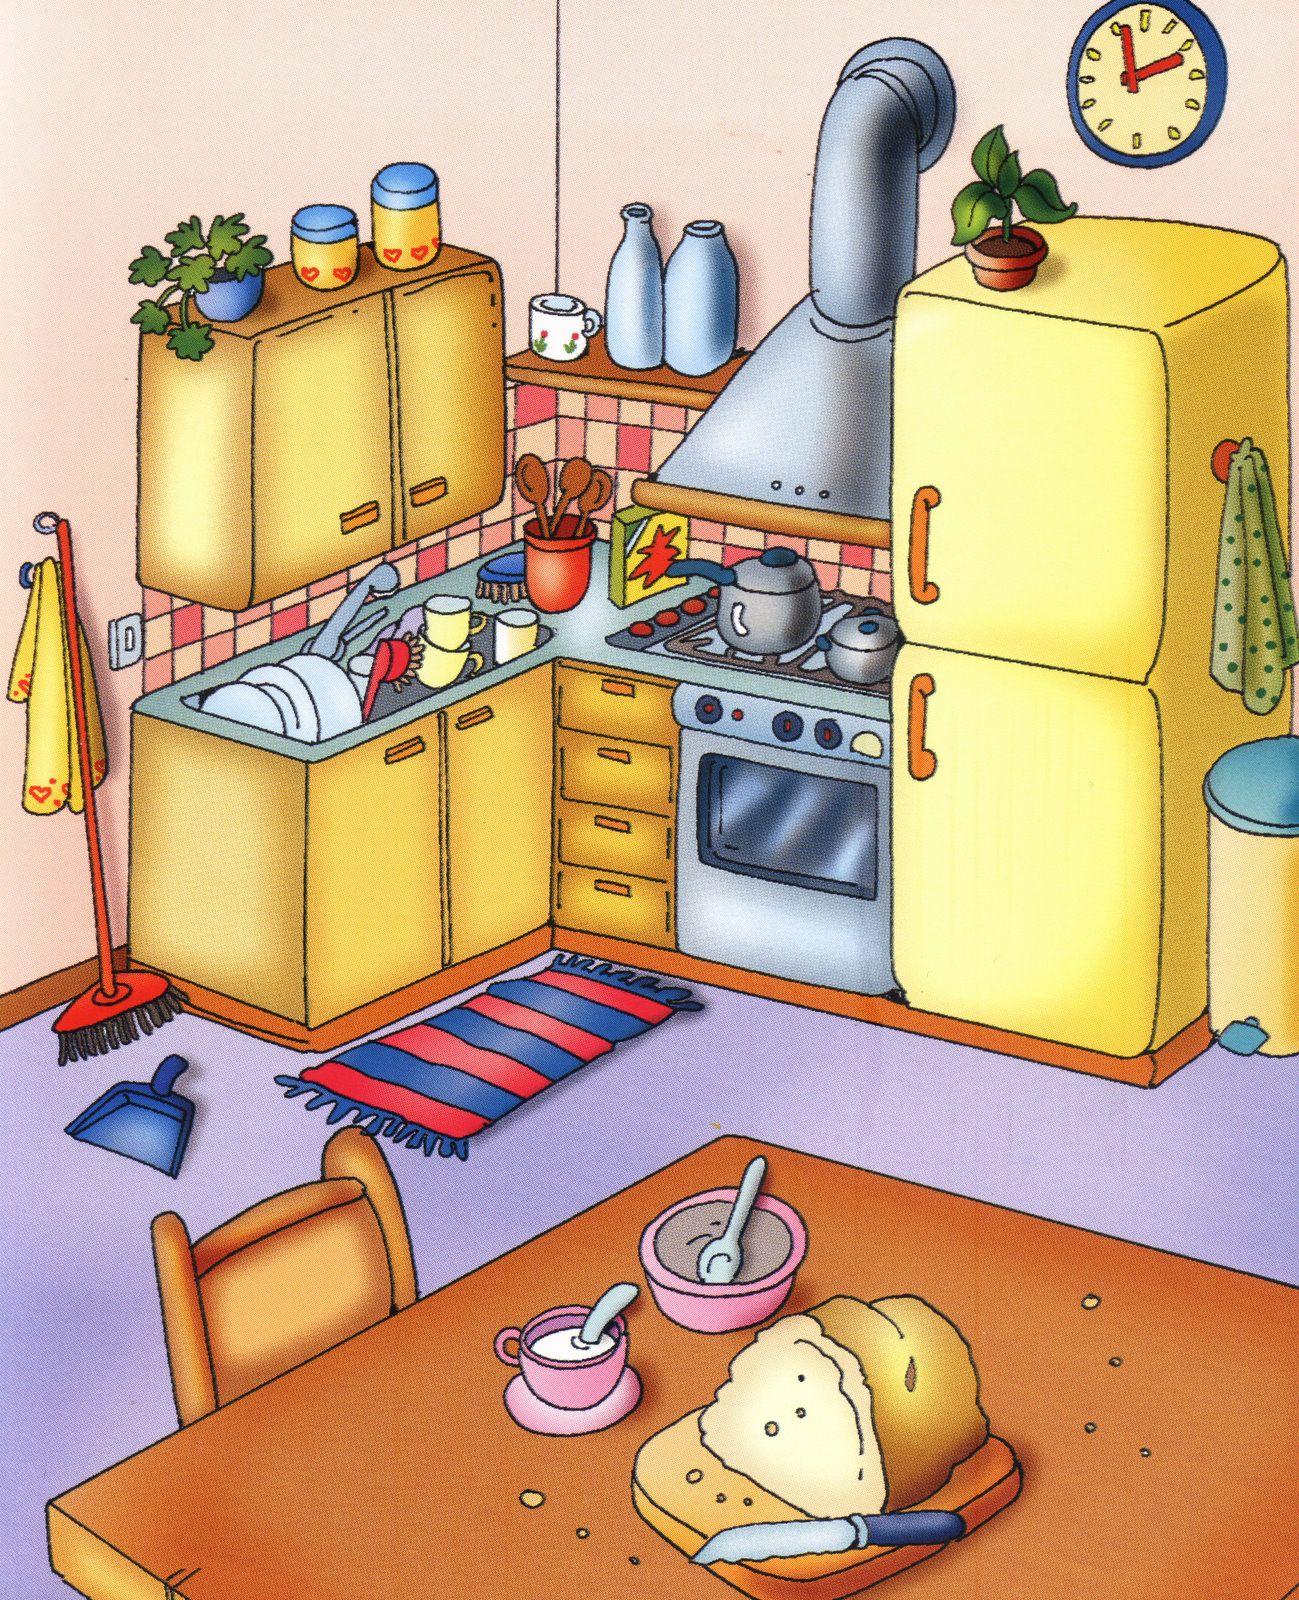 D crire la cuisine d crire maison pinterest la for Cosas del comedor